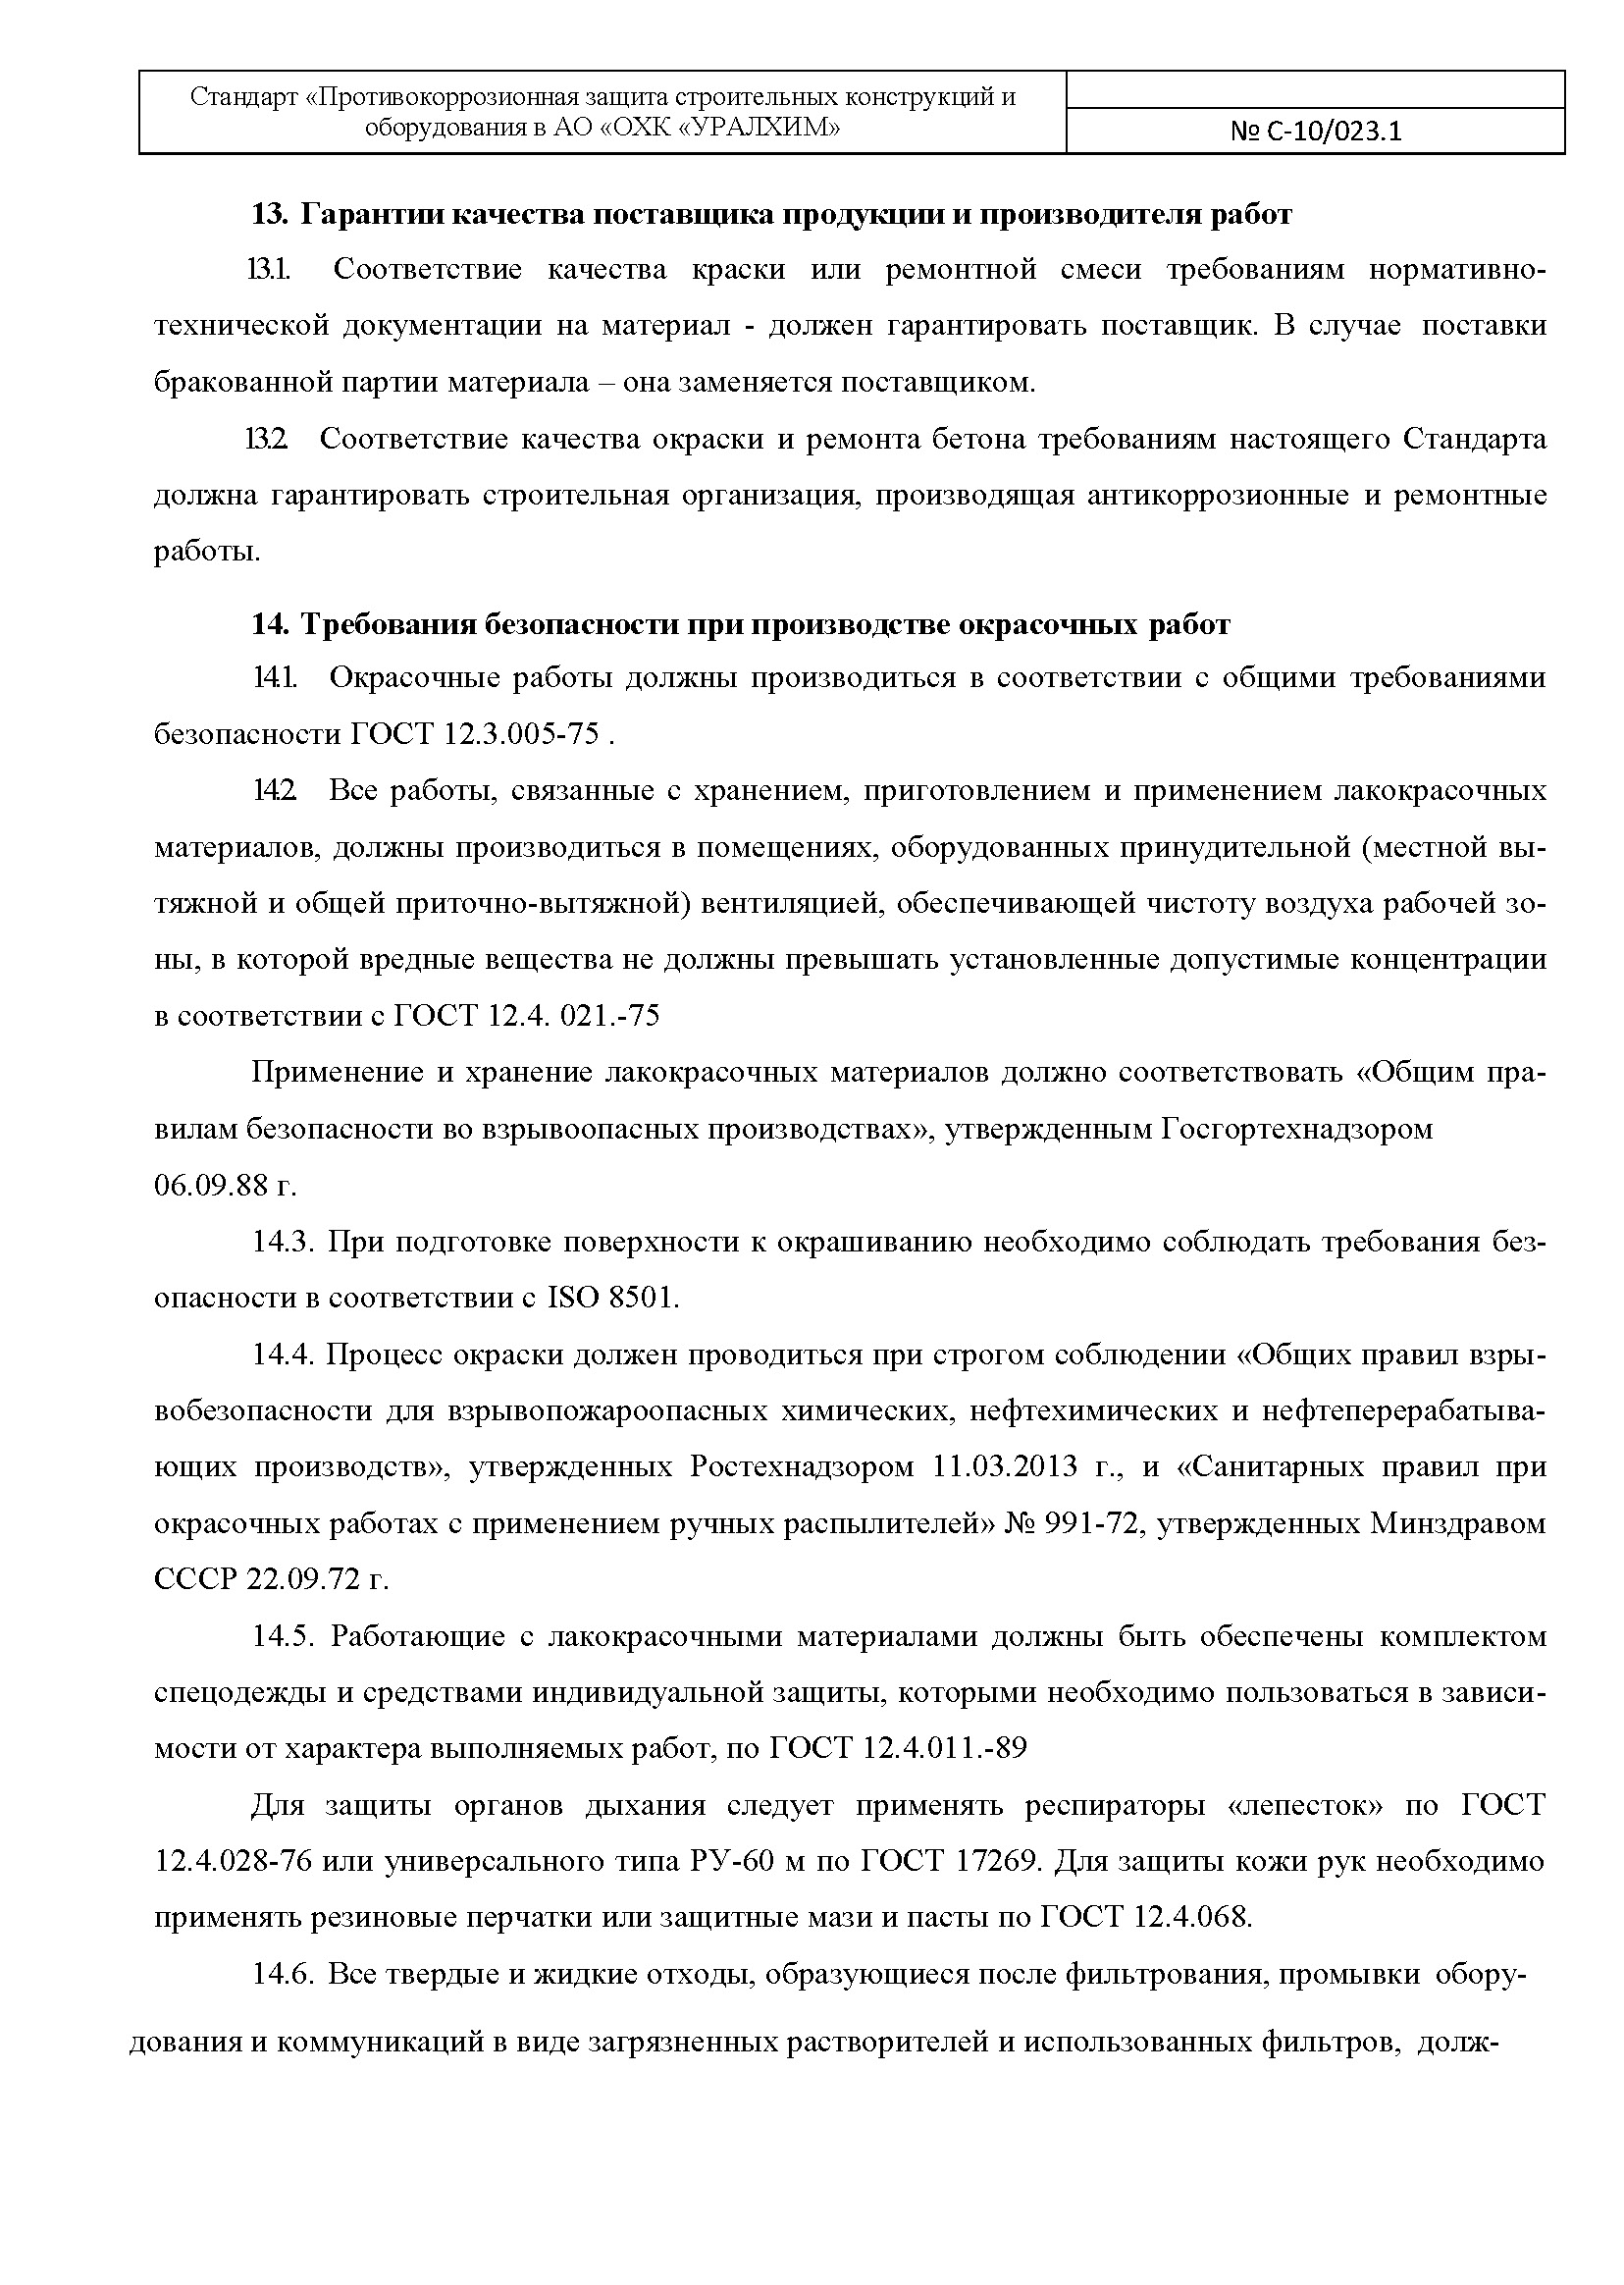 Выписка из Стандарта Противокоррозионная защита строительных конструкций и оборудования АО ОХК УРЛХИМ_Страница_22